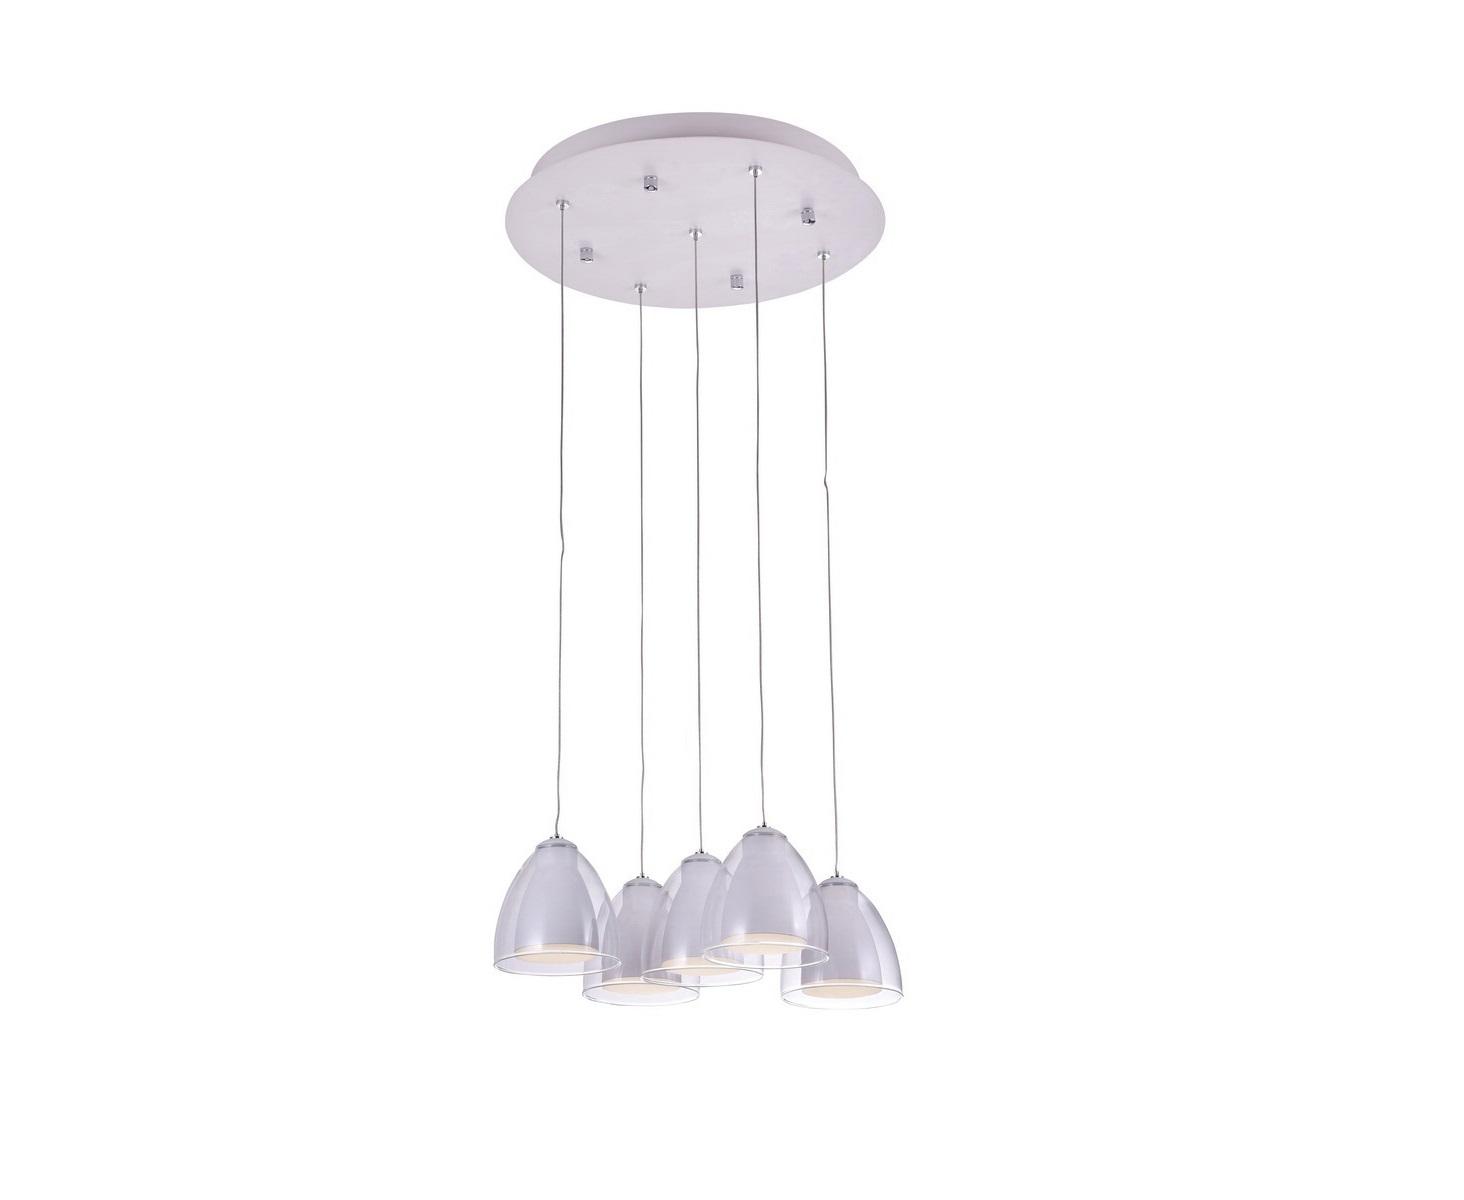 Подвесной светильник MirellaПодвесные светильники<br>Светодиодный подвесной светильник в стиле Хай-Тек. Светильник со встроенной светодиодной матрицей общей мощностью 15W (Эквивалент лампы накаливания 100 W). Цветовая температура 4000-4200К. <br>Высоту подвеса светильника можно регулировать от 20см до 100см.<br>Светильник поставляется в собранном виде и имеет в комплекте все необходимые для монтажа крепежные элементы.&amp;lt;div&amp;gt;&amp;lt;br&amp;gt;&amp;lt;/div&amp;gt;&amp;lt;div&amp;gt;&amp;lt;div&amp;gt;Цоколь: LED&amp;lt;/div&amp;gt;&amp;lt;div&amp;gt;Мощность лампы: 15W&amp;lt;/div&amp;gt;&amp;lt;div&amp;gt;Количество ламп: 5&amp;lt;/div&amp;gt;&amp;lt;/div&amp;gt;<br><br>Material: Металл<br>Height см: 100<br>Diameter см: 40